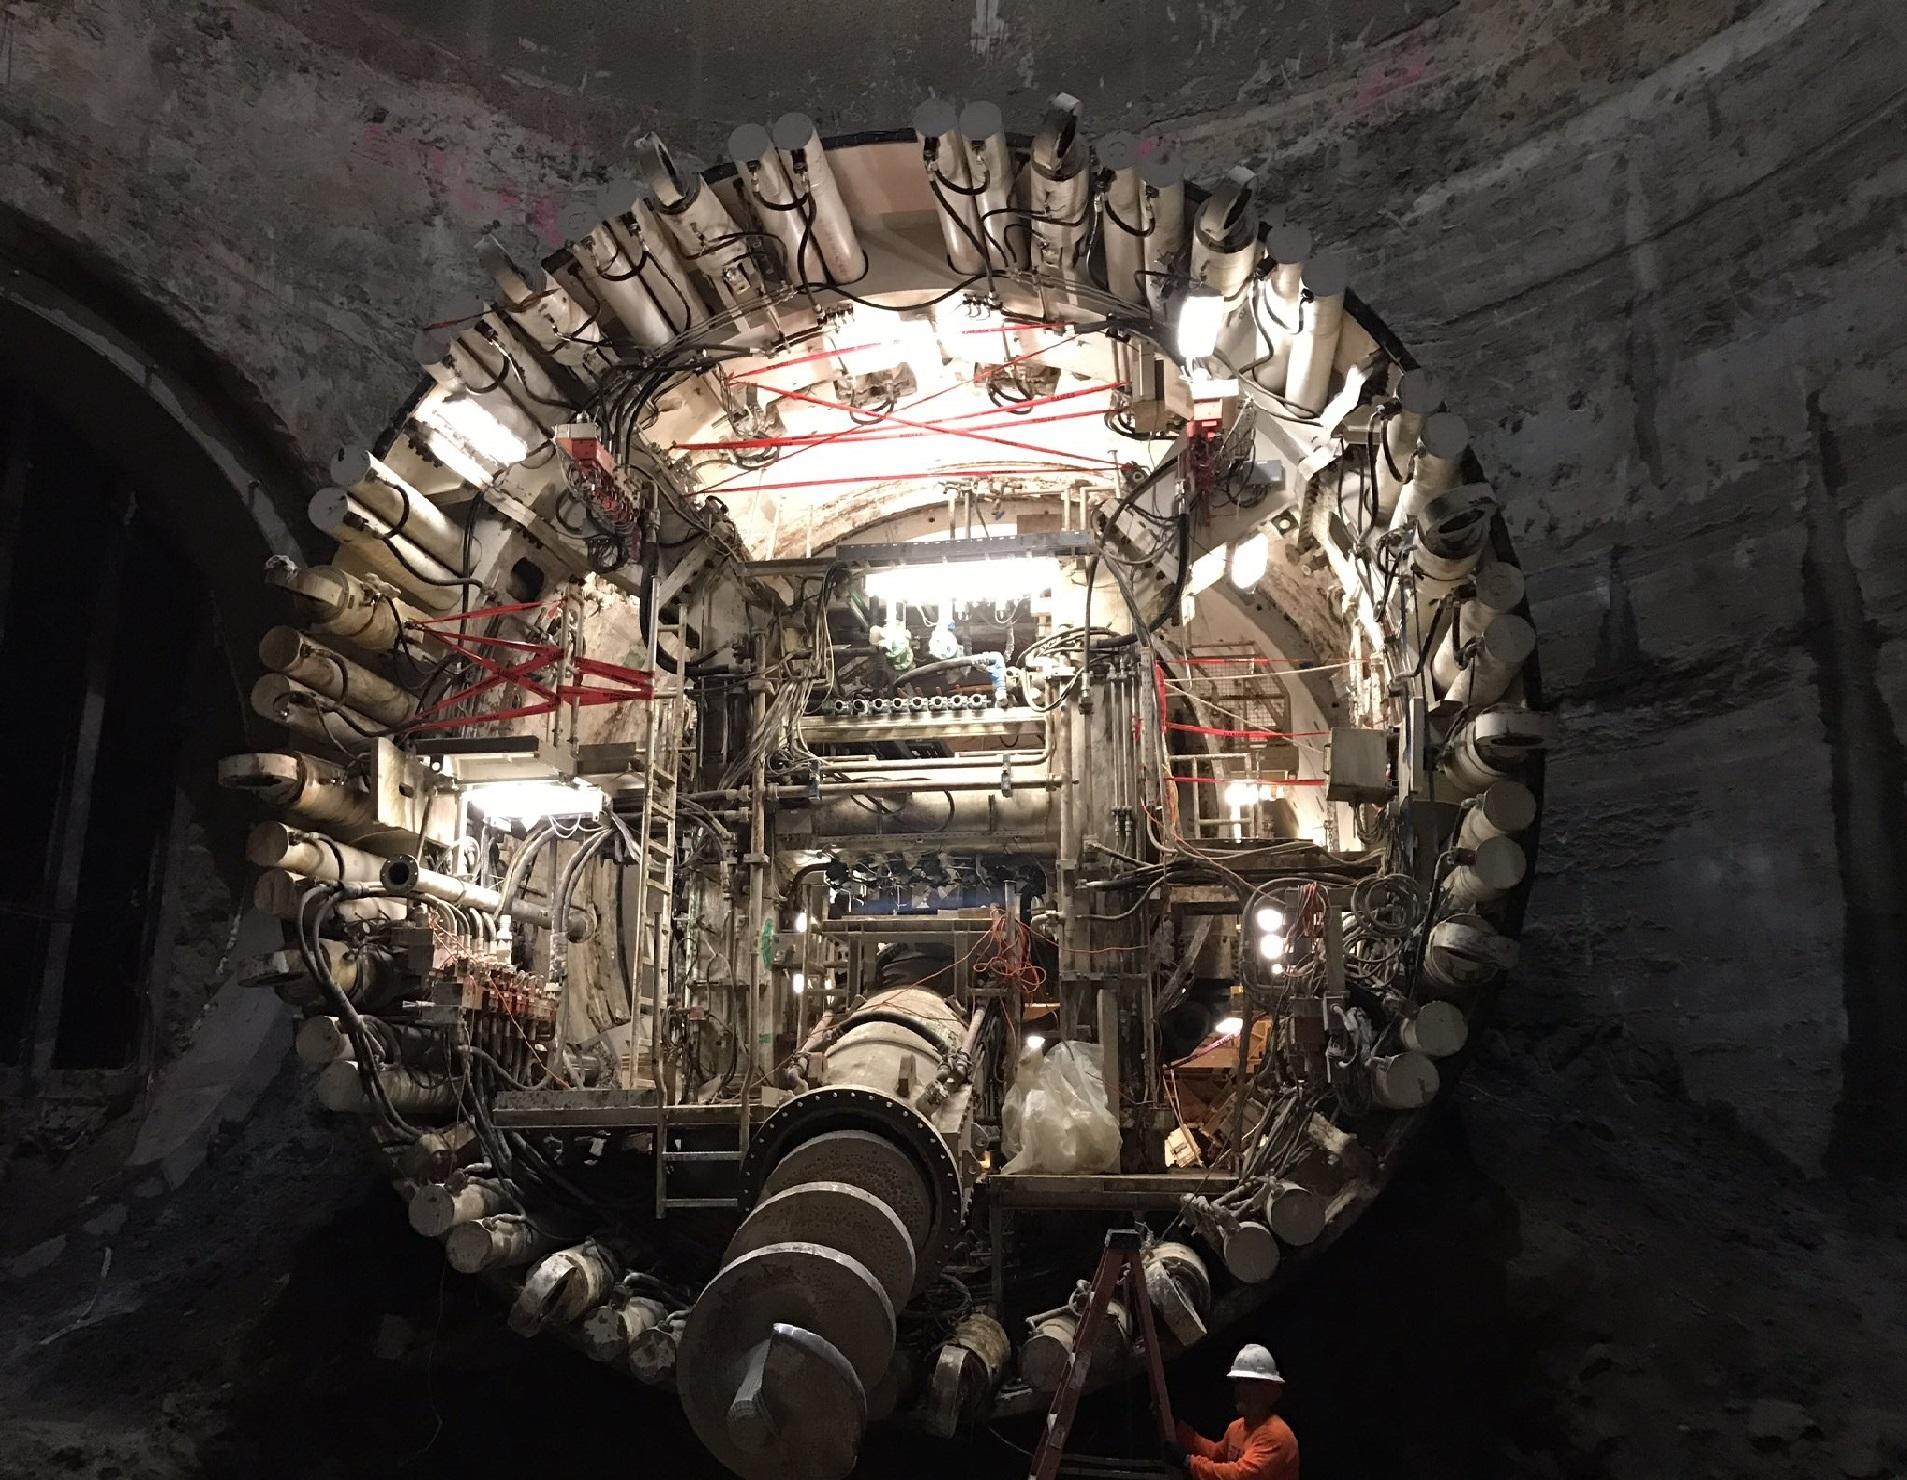 일론 머스크는 스페이스X의 사옥 주차장에서 미국 호손시의 공항 근처까지 3.2km의 지하터널을 뚫고 있다. - SpaceX 제공